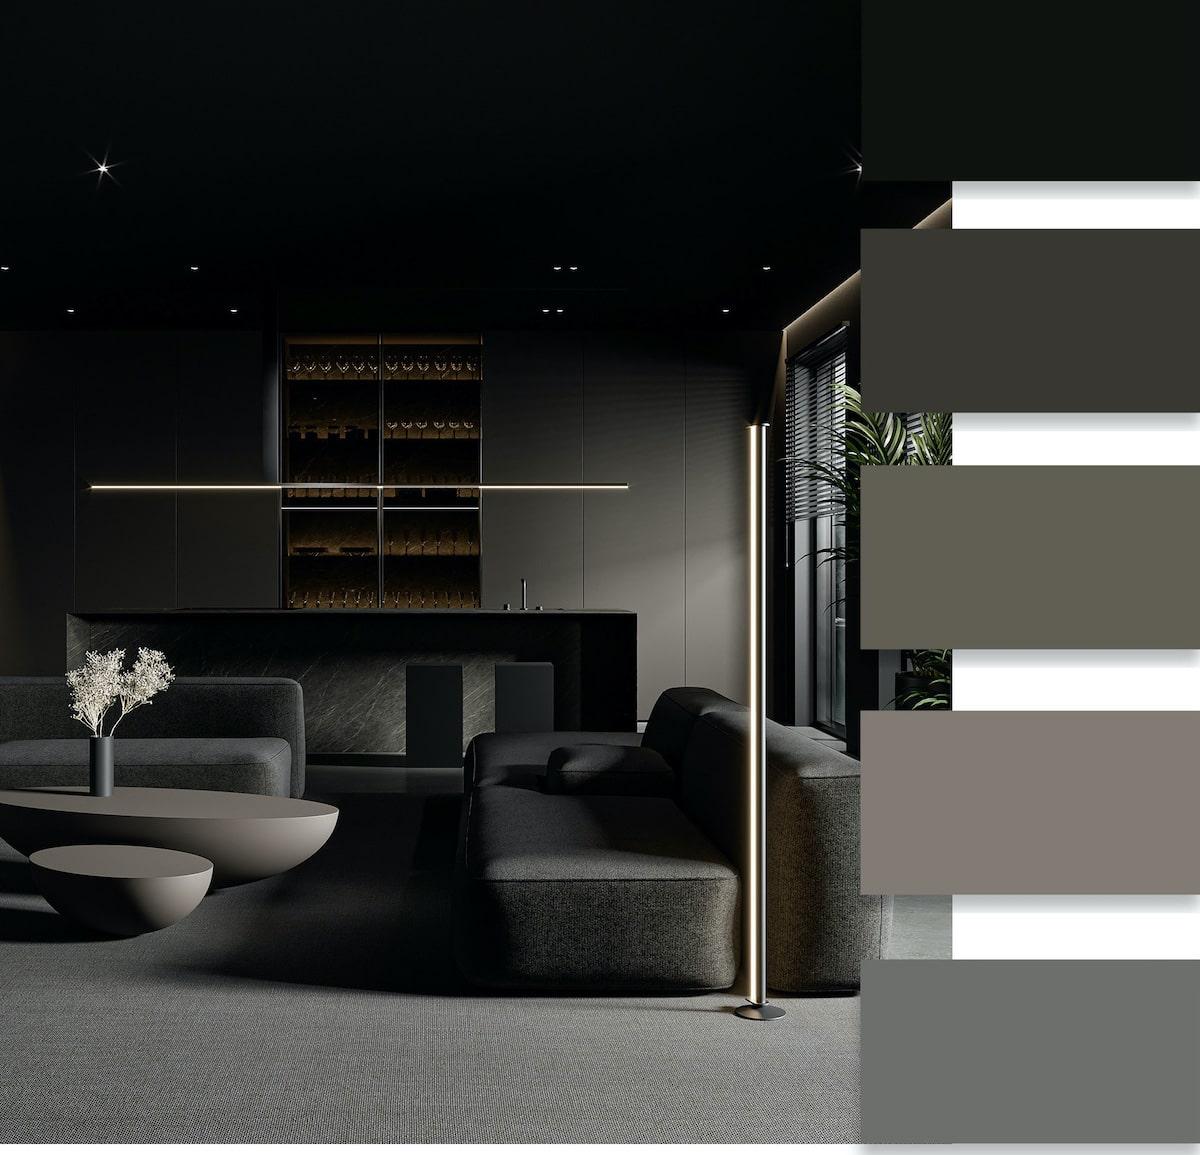 Черный цвет в отделке, который используется в качестве основного, подходит только для больших помещений